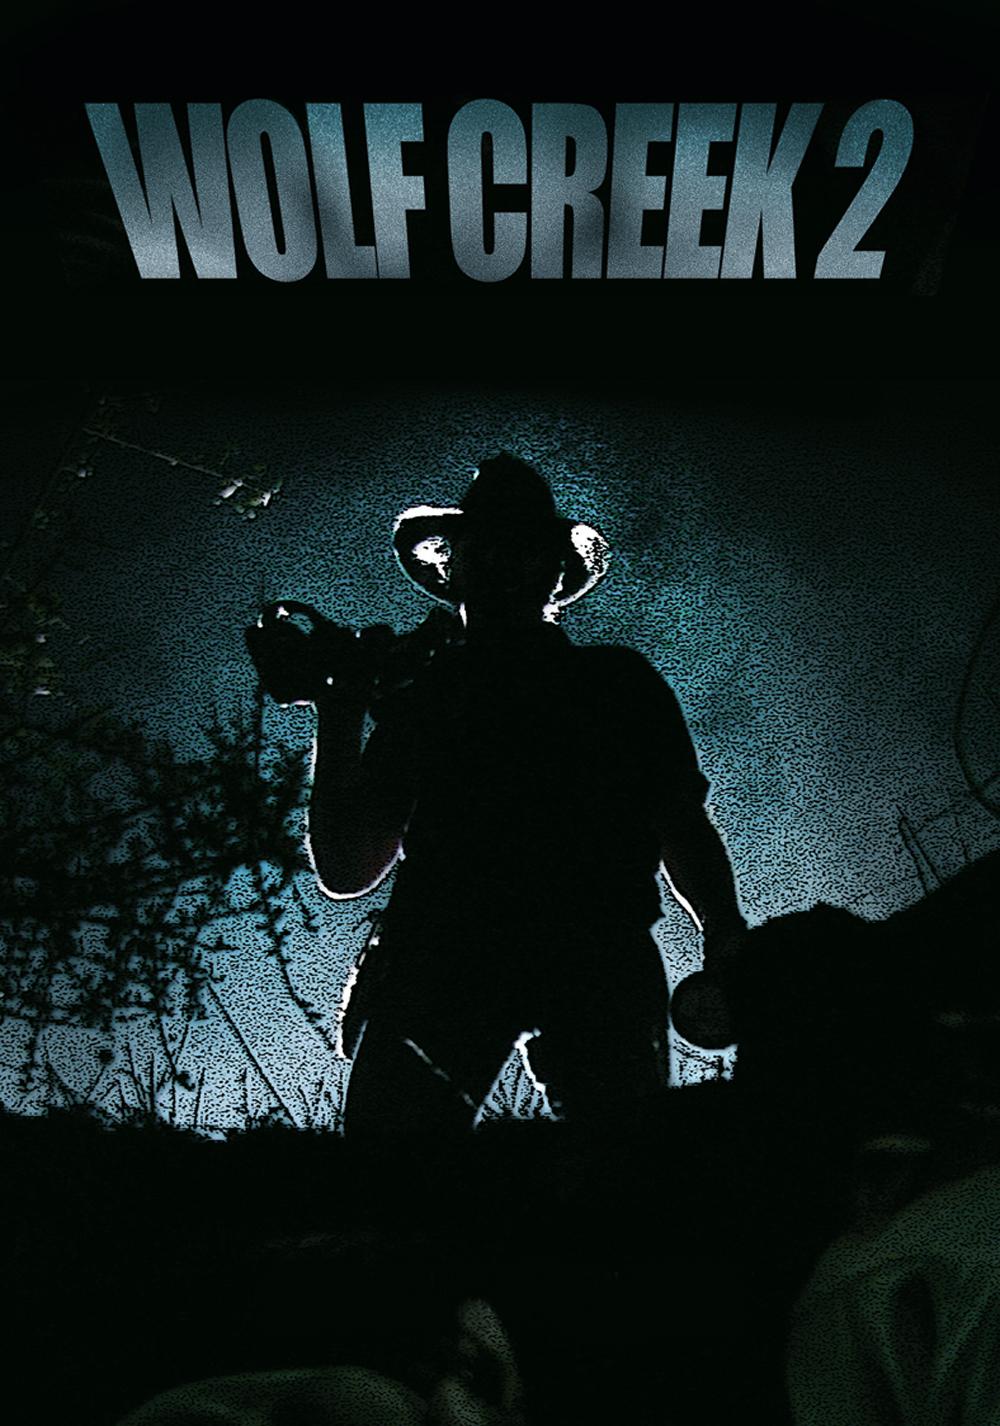 wolf creek 2 movie fanart fanarttv